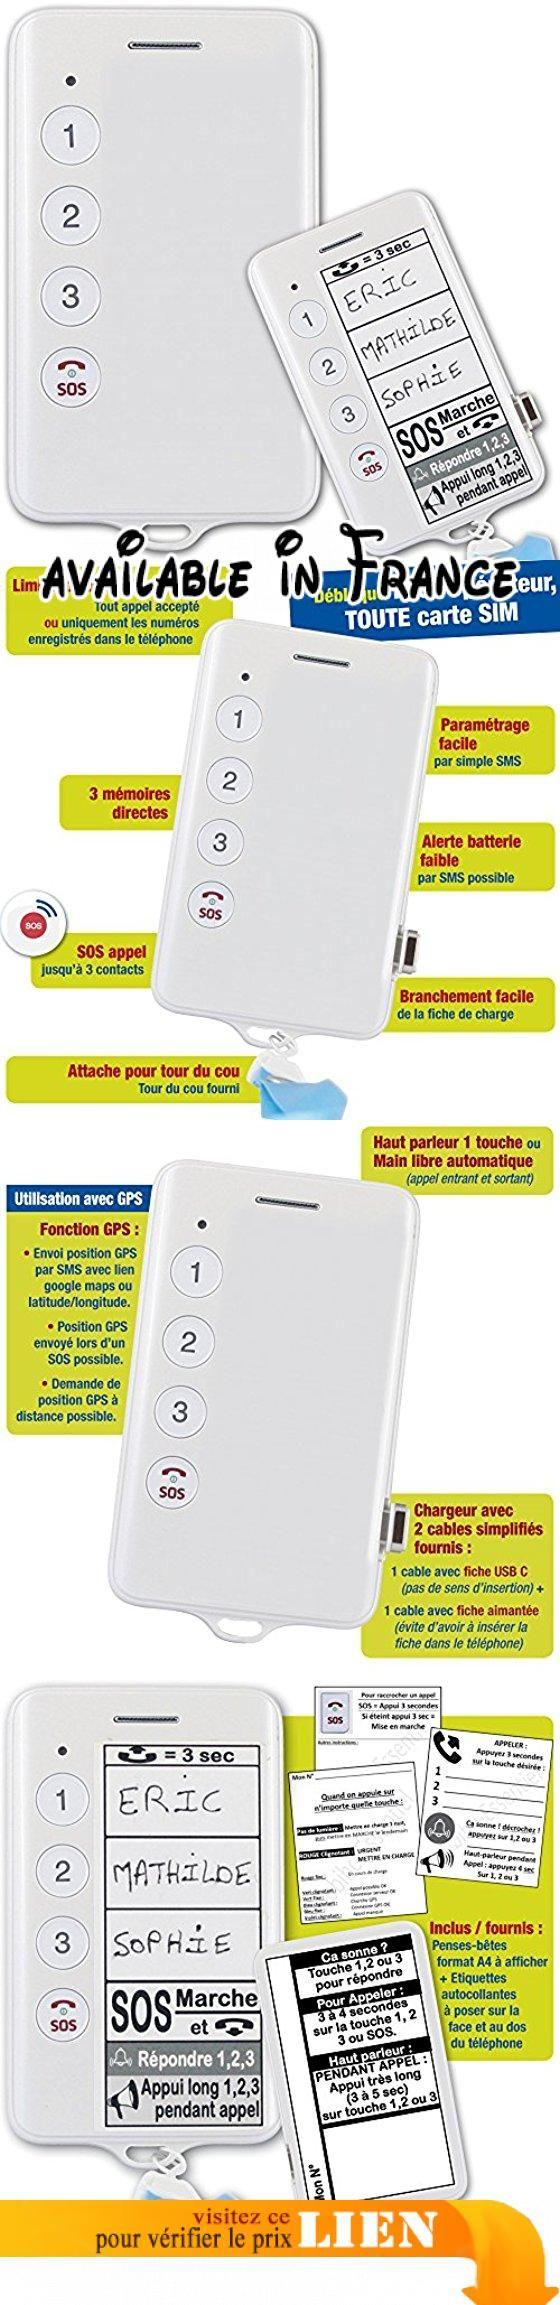 """Mobiho-Essentiel le BASIC INITIAL 2 - pour senior âgé ou handicaps - Ce modèle dispose énormément d'atouts pour une utilisation extrêmement simplifiée et de sécurité : 3 numéro """"famille"""" et/ou 3 numéros SOS. Le SOS permet l'envoi d'un SMS aux 3 contacts + l'envoi de la position GPS + appel du 1er numéro - alerte batterie faible par SMS, haut-parleur automatique activable,... Stickers à coller sur le téléphone et affichettes fournies. - Débloqué tout opérateur"""